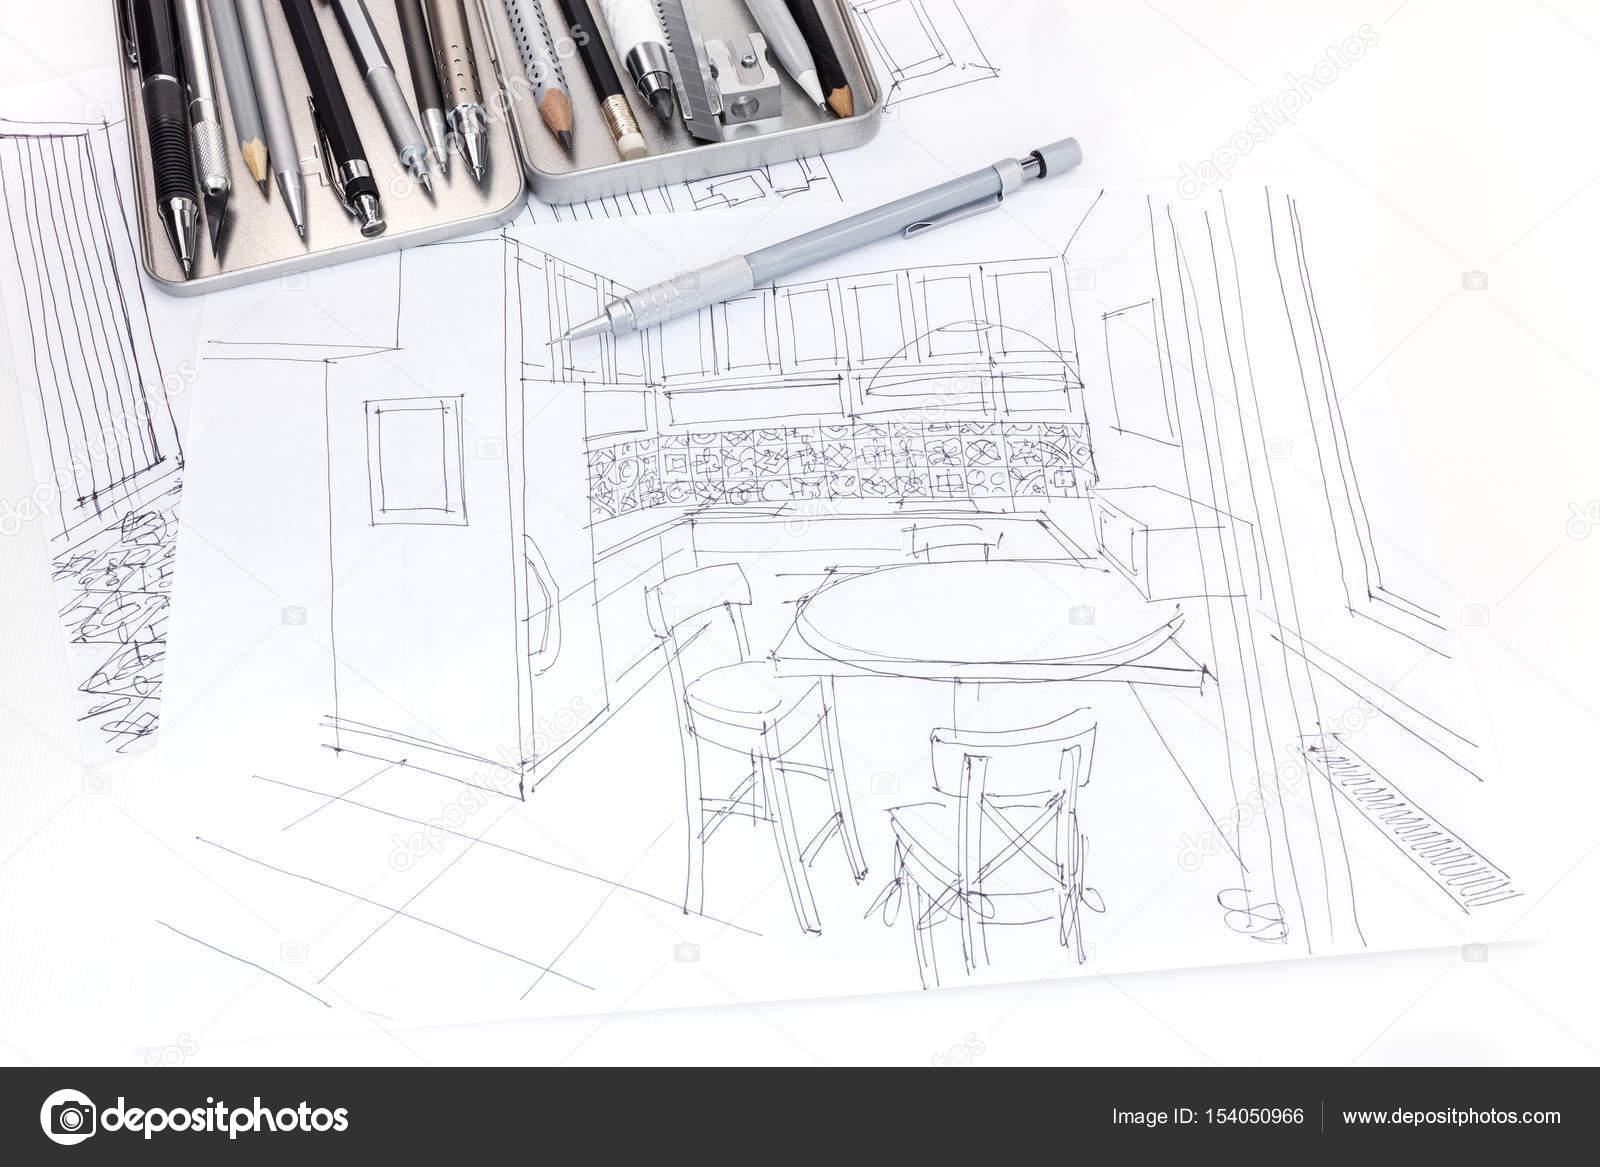 bosquejo gráfico de planos de interiores y muebles de cocina con ...